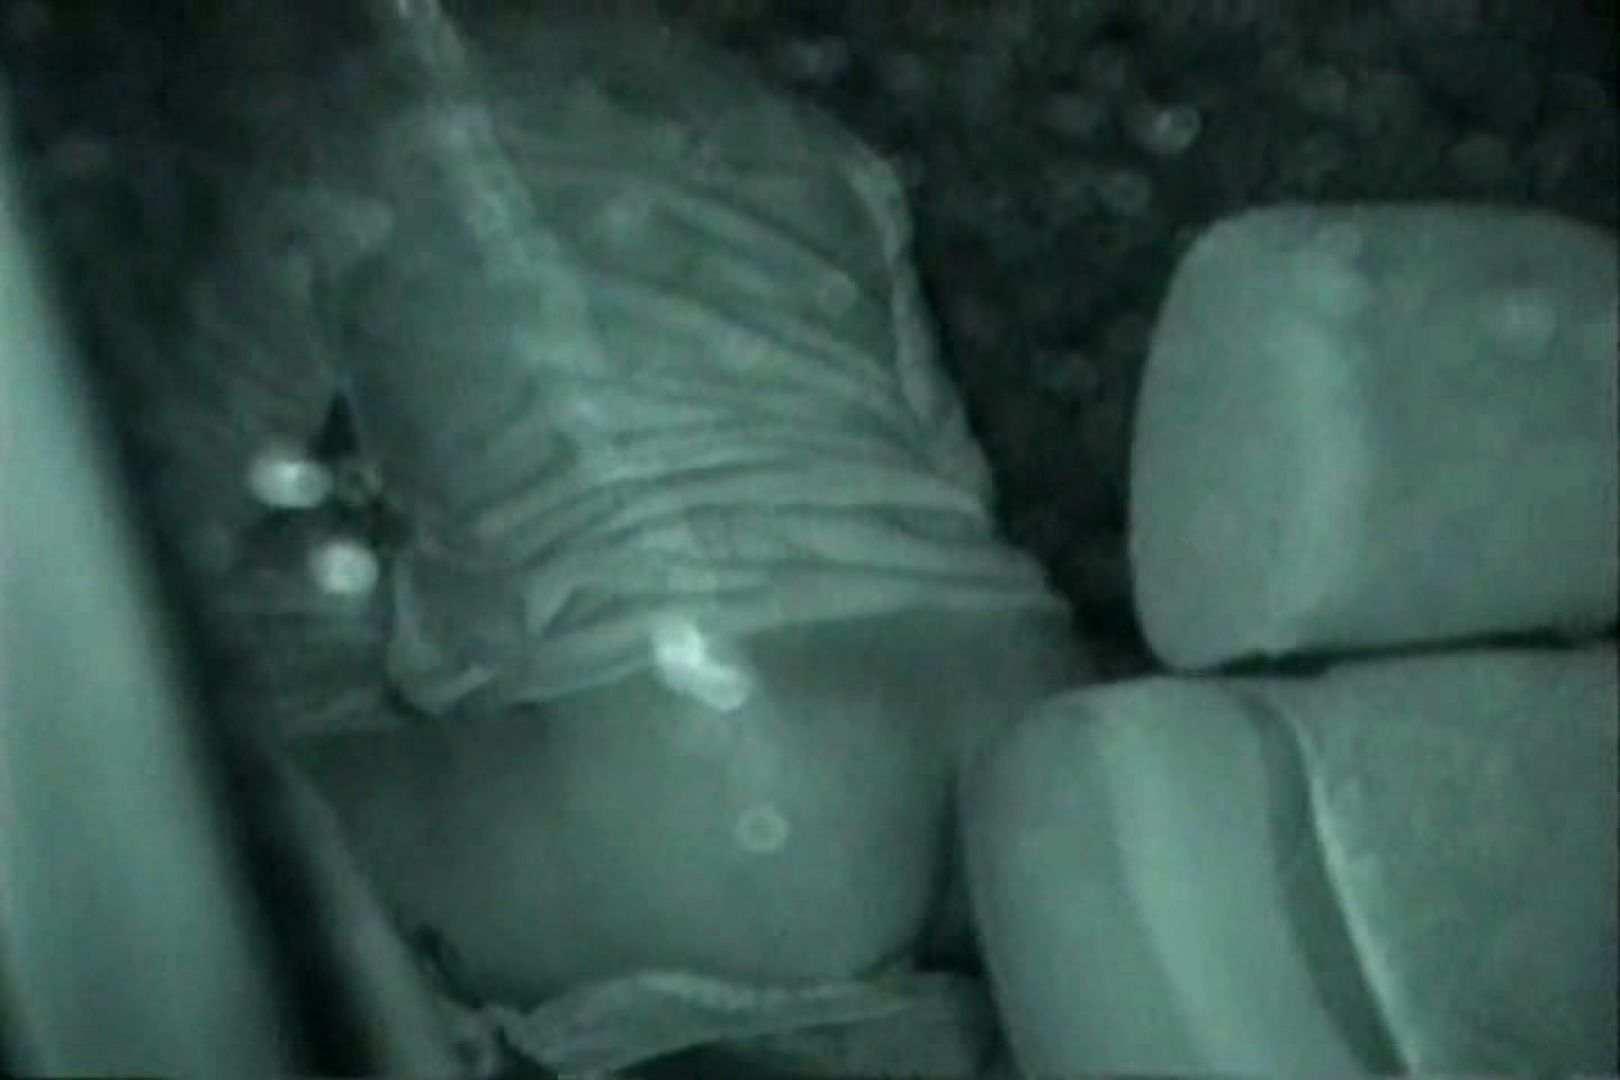 充血監督の深夜の運動会Vol.126 車中はめどり 盗撮動画紹介 107画像 36